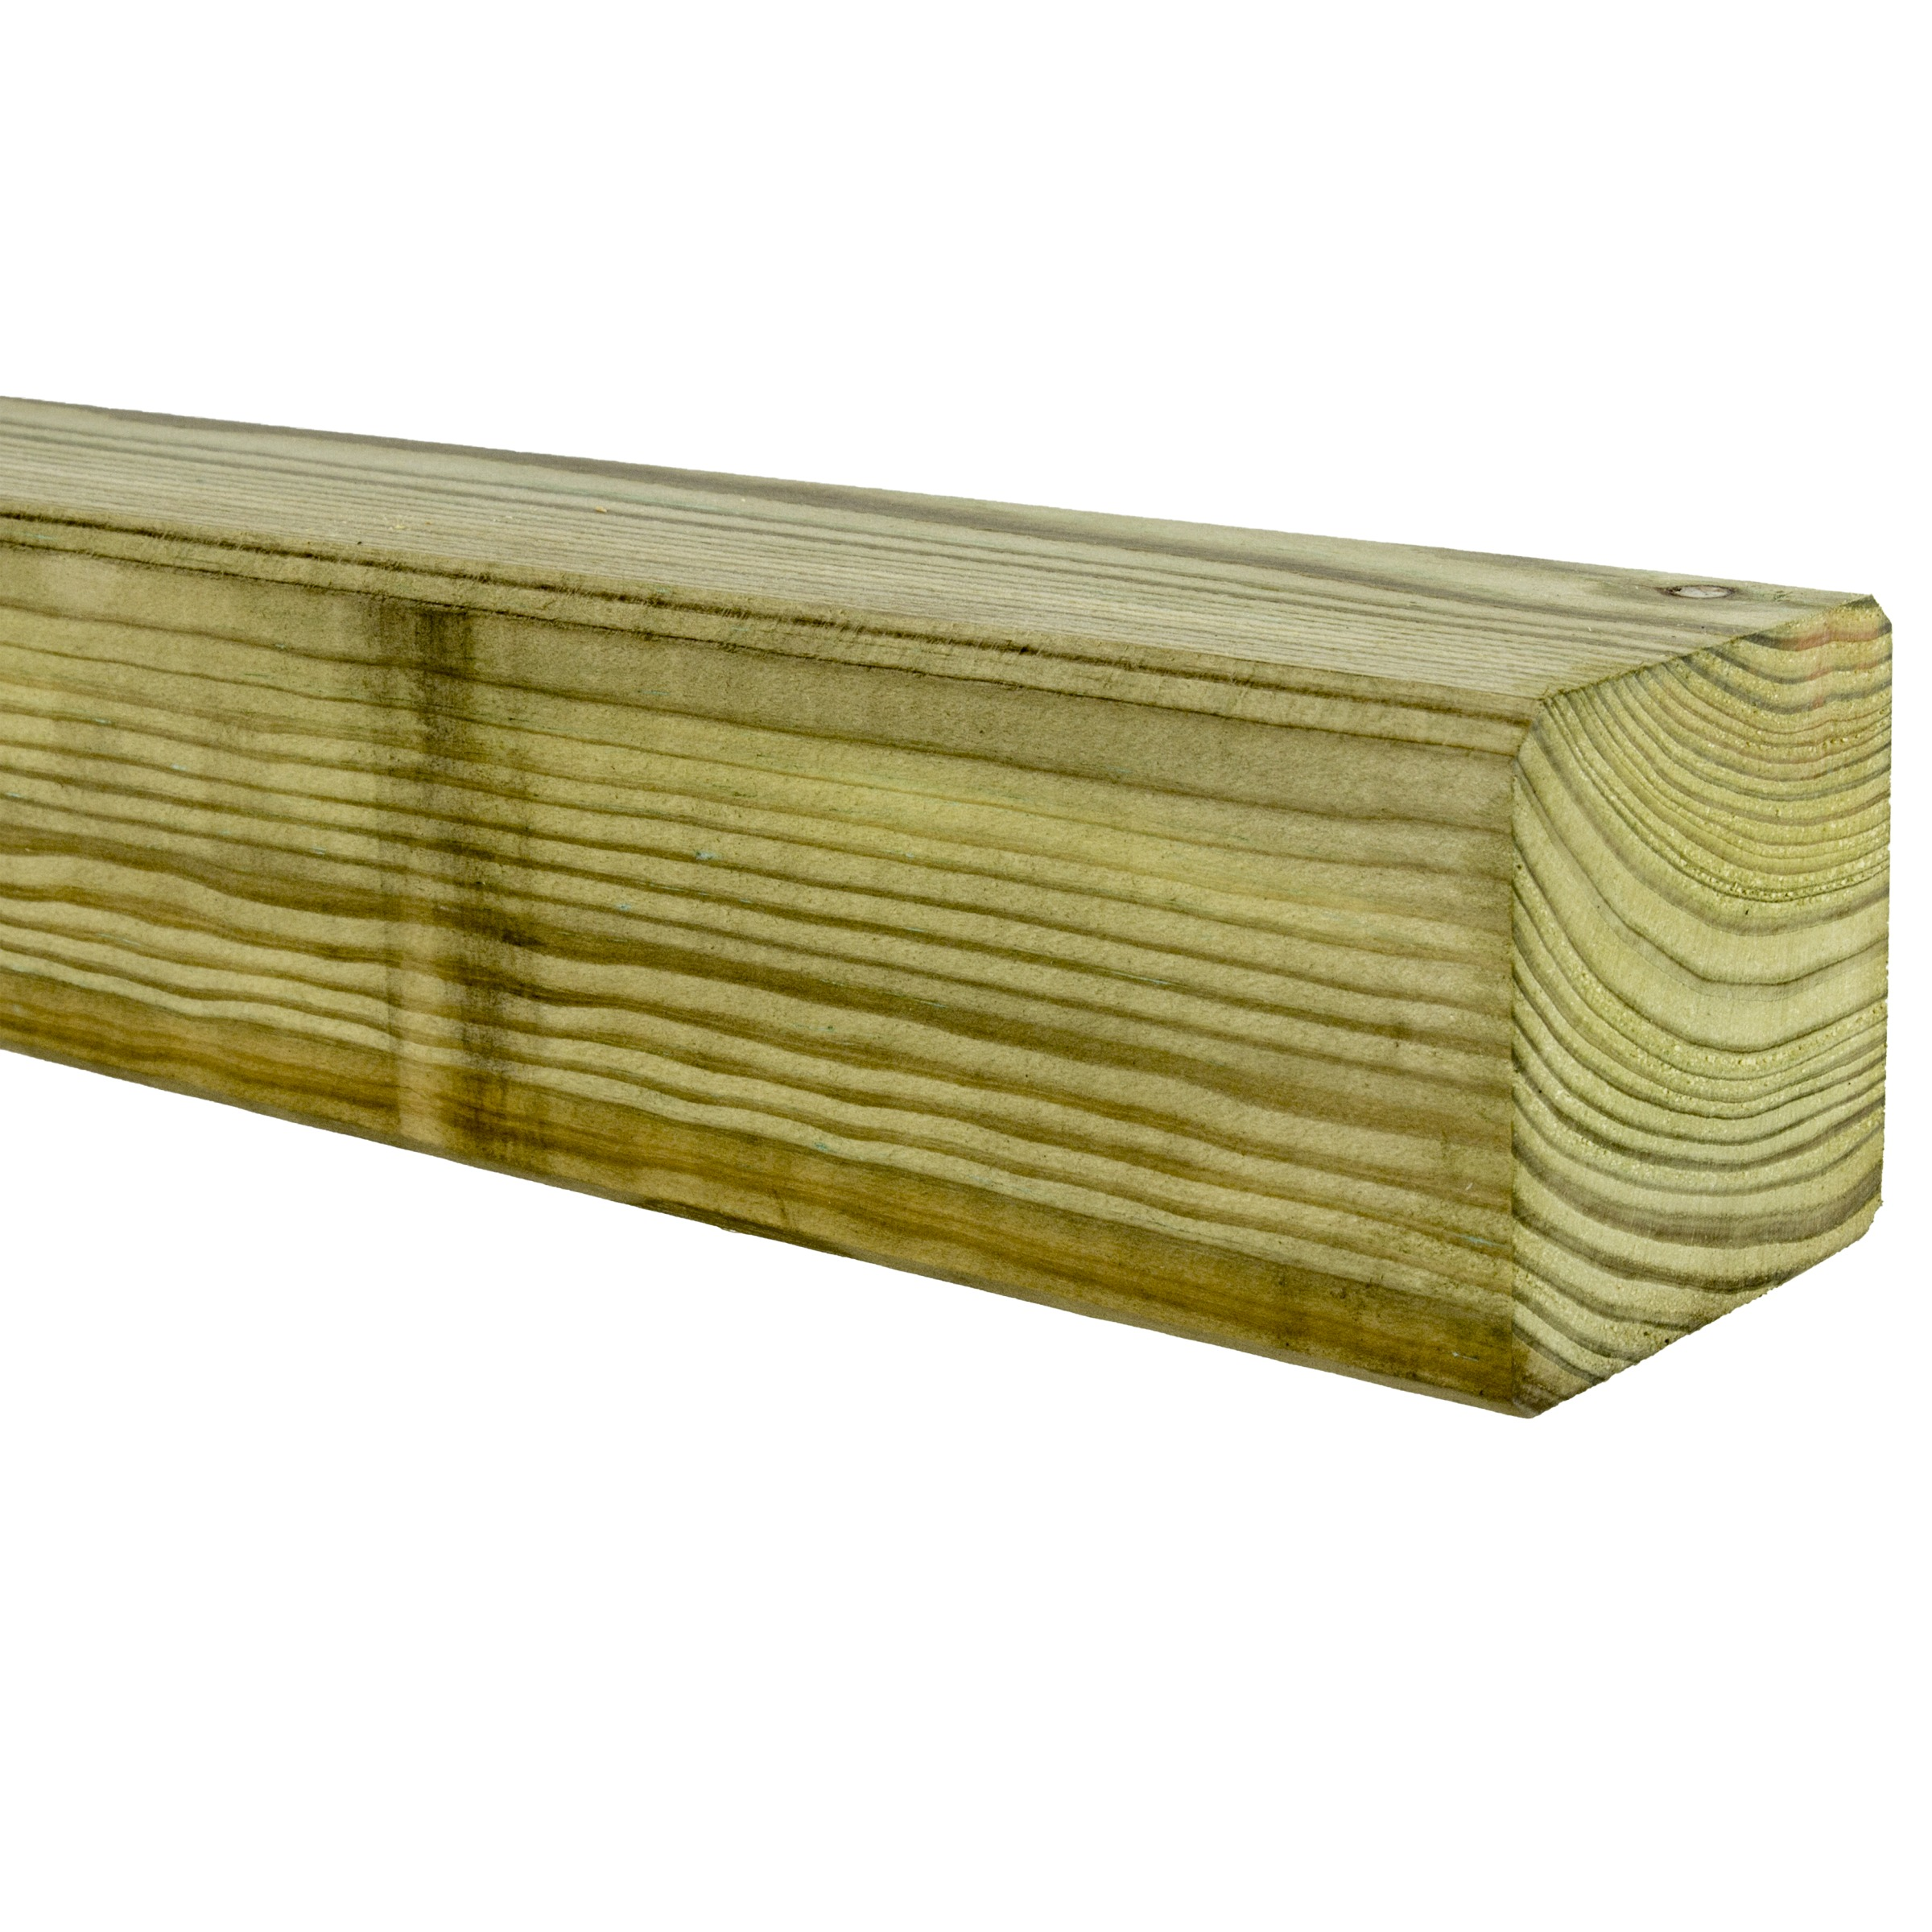 Tuinpaal geimpregneerd grenen 210x6,8x6,8 cm